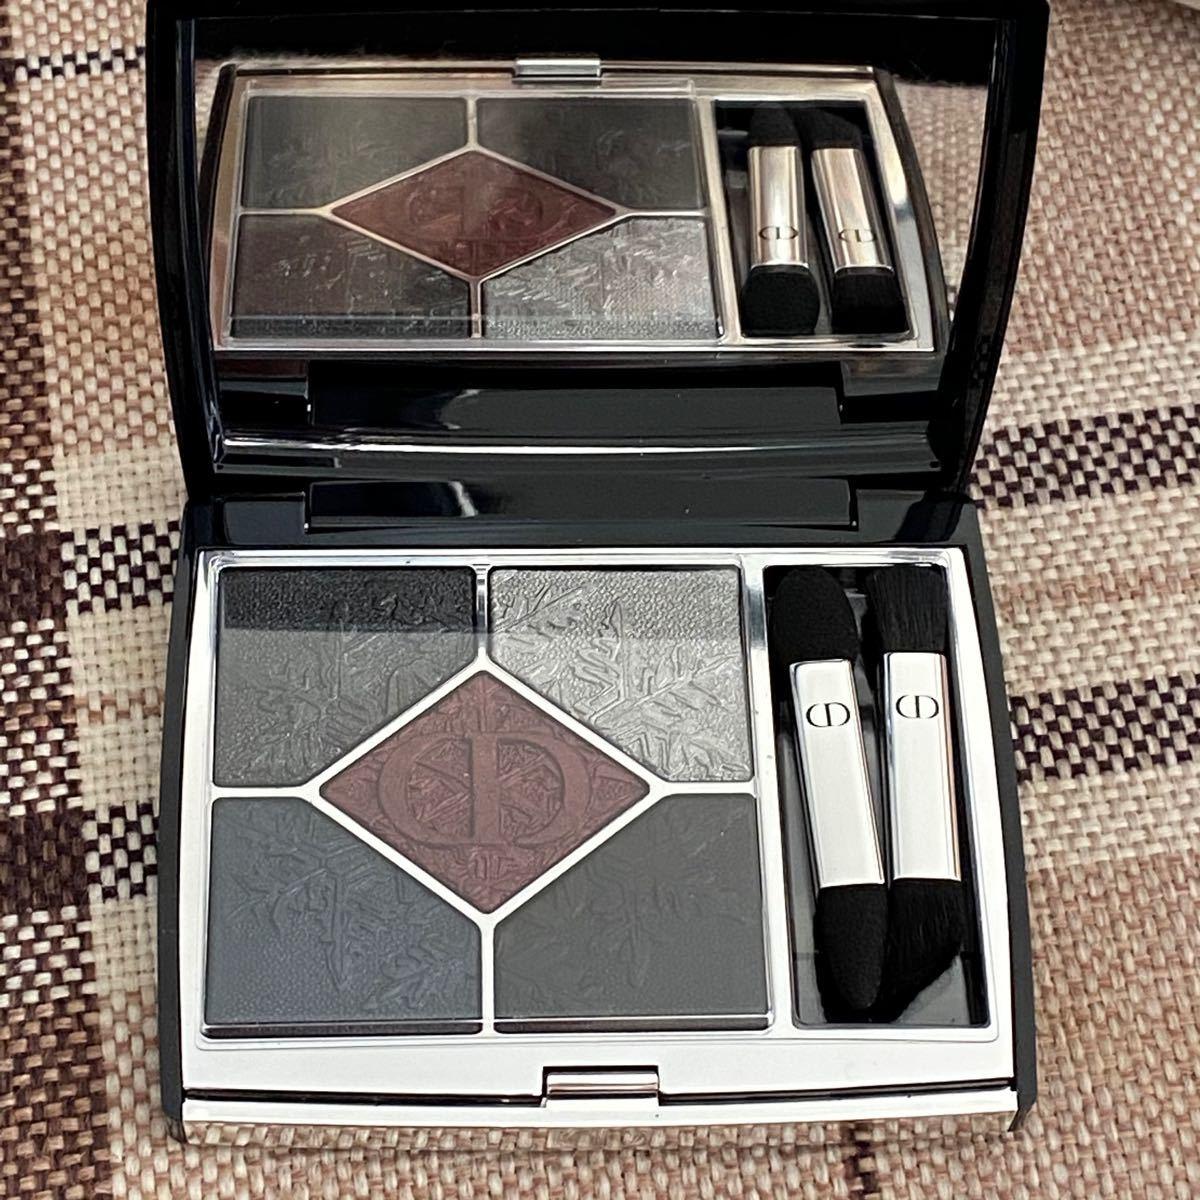 新品 最安値 新作 Dior サンククルールクチュール 089 ブラック ナイト ブラックナイト アイシャドウ 限定 即日発送